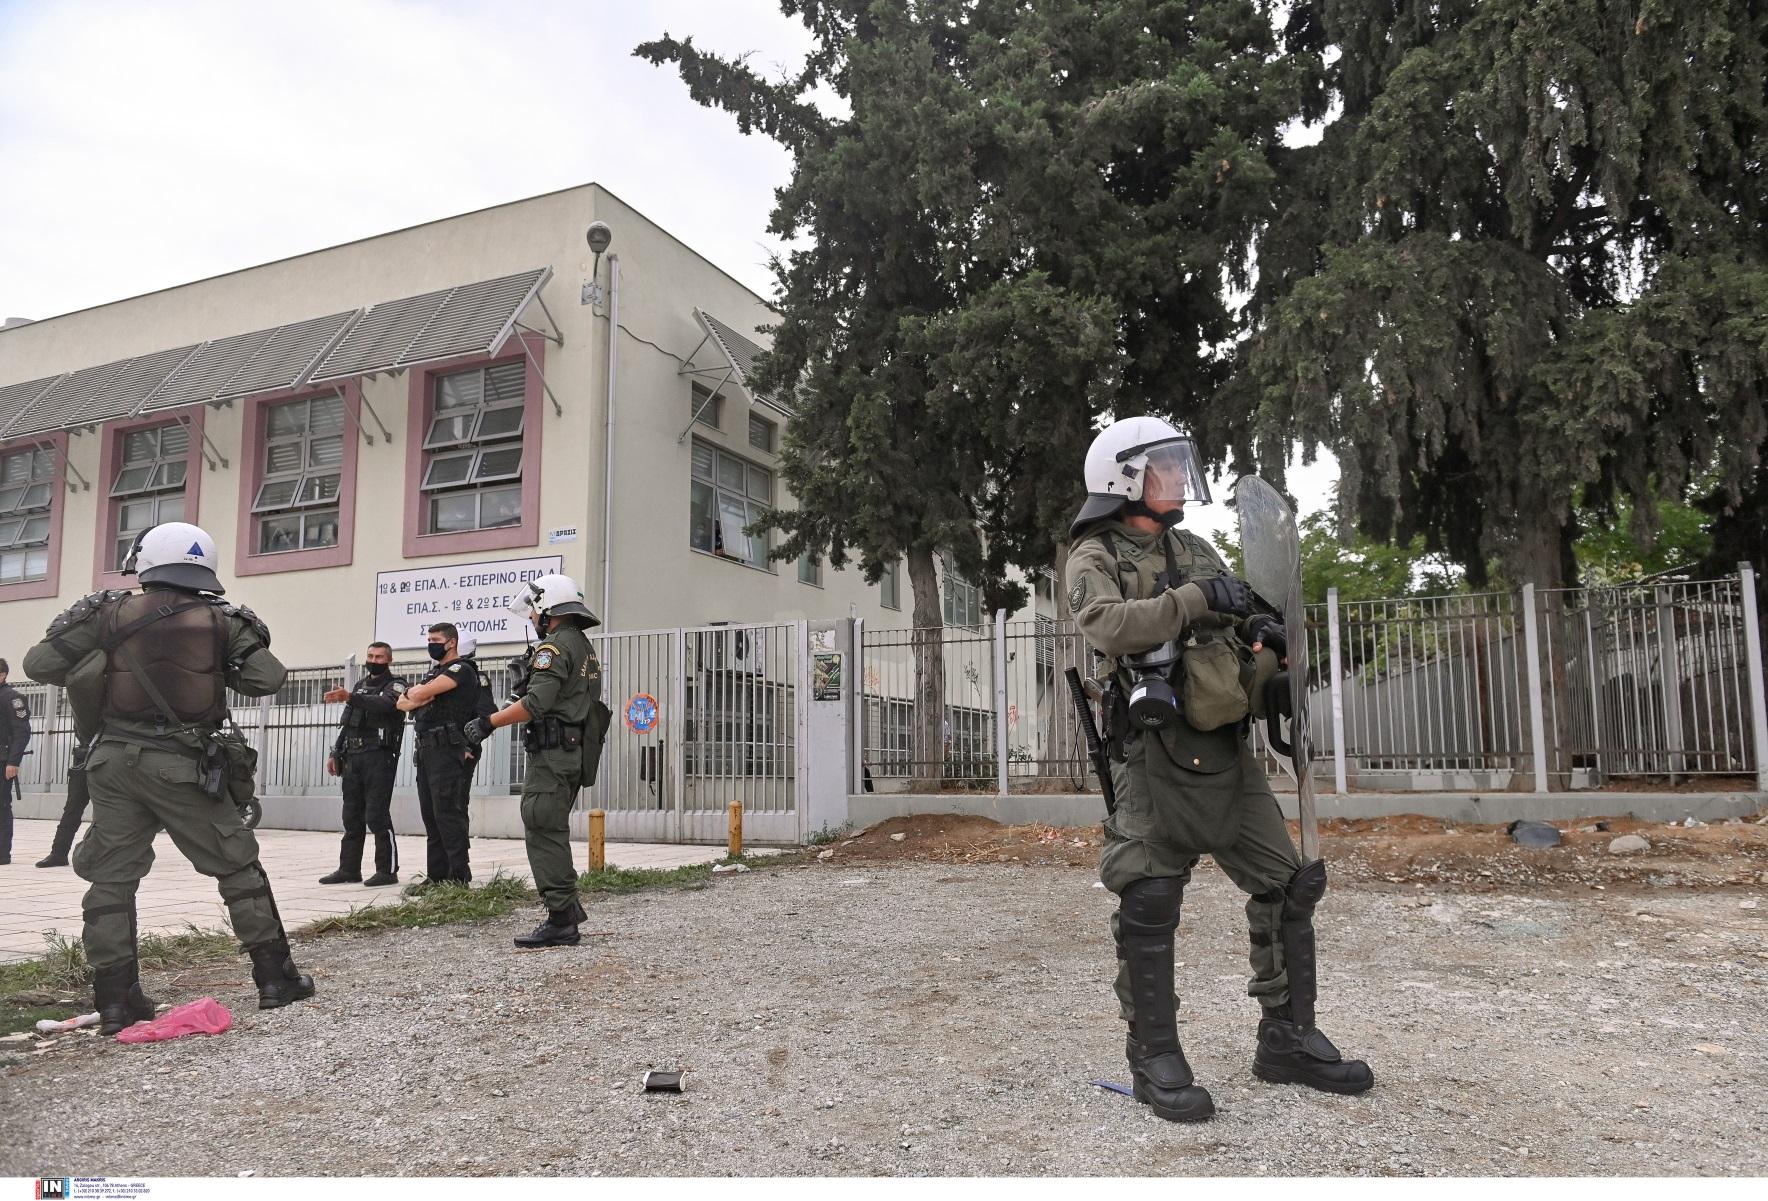 ΕΠΑΛ Ευόσμου: Αναβλήθηκε η δίκη για τους τρεις συλληφθέντες